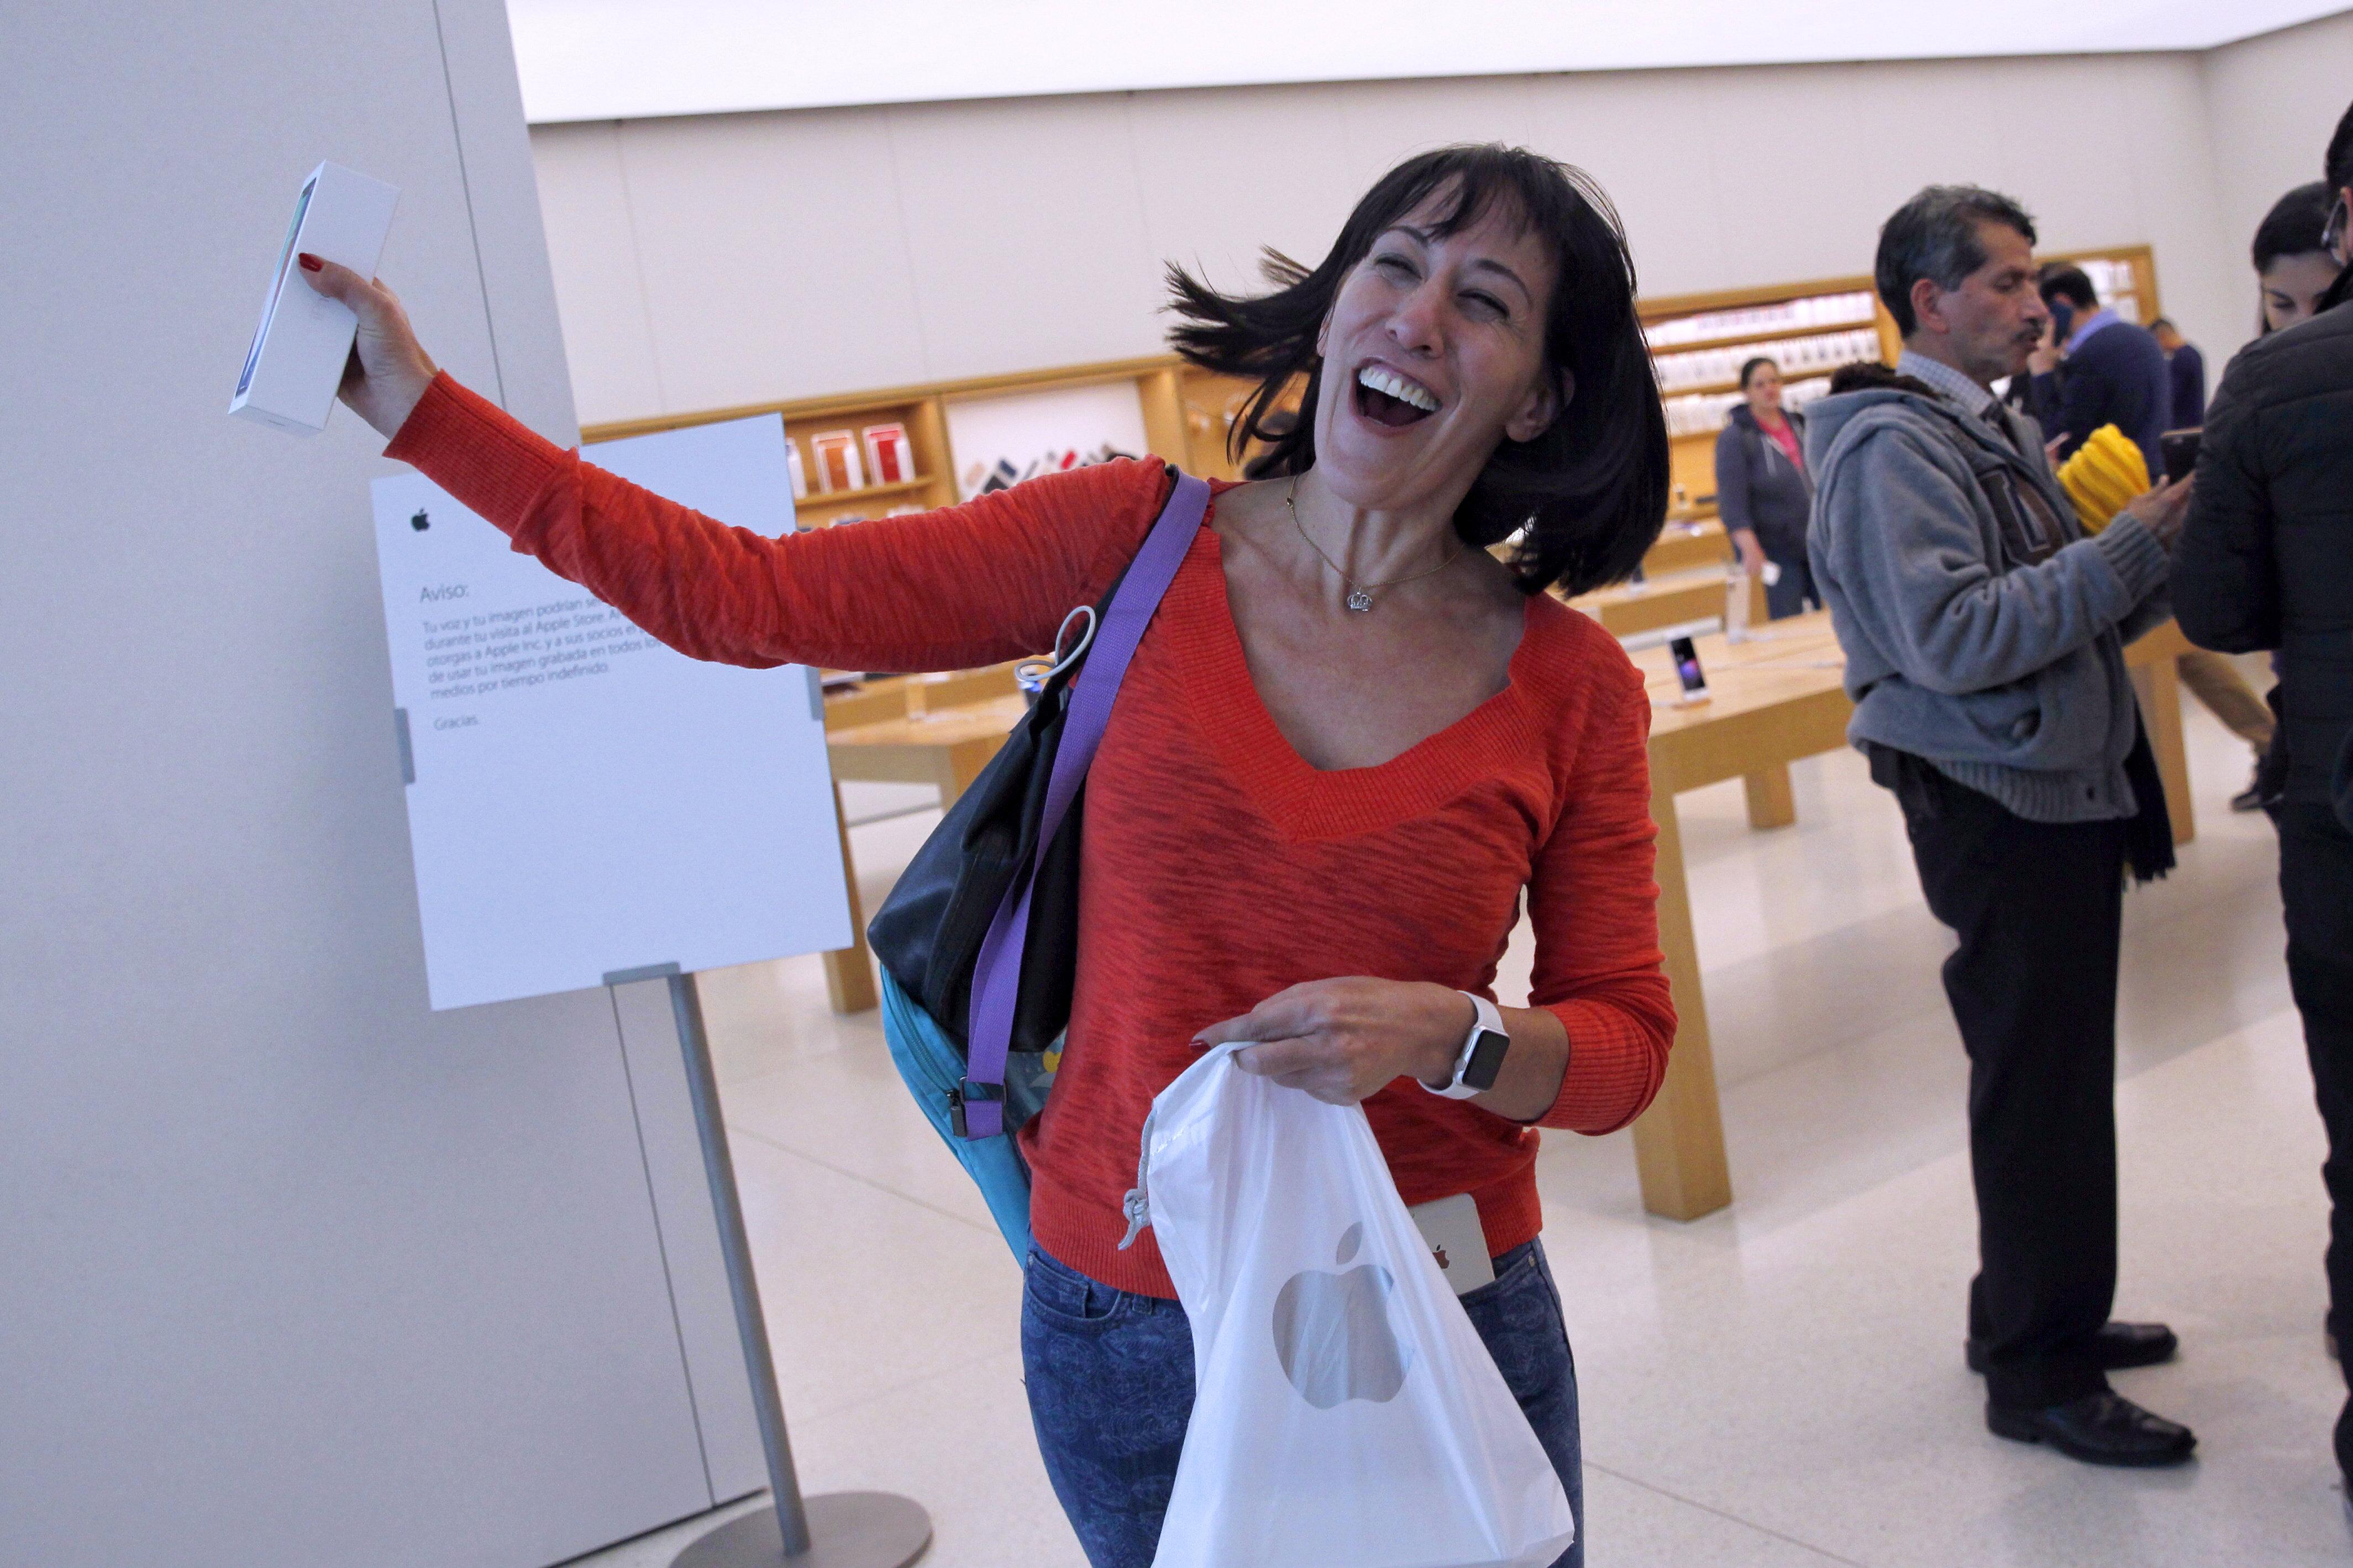 Se arremolinan en tiendas por conseguir un iPhone X